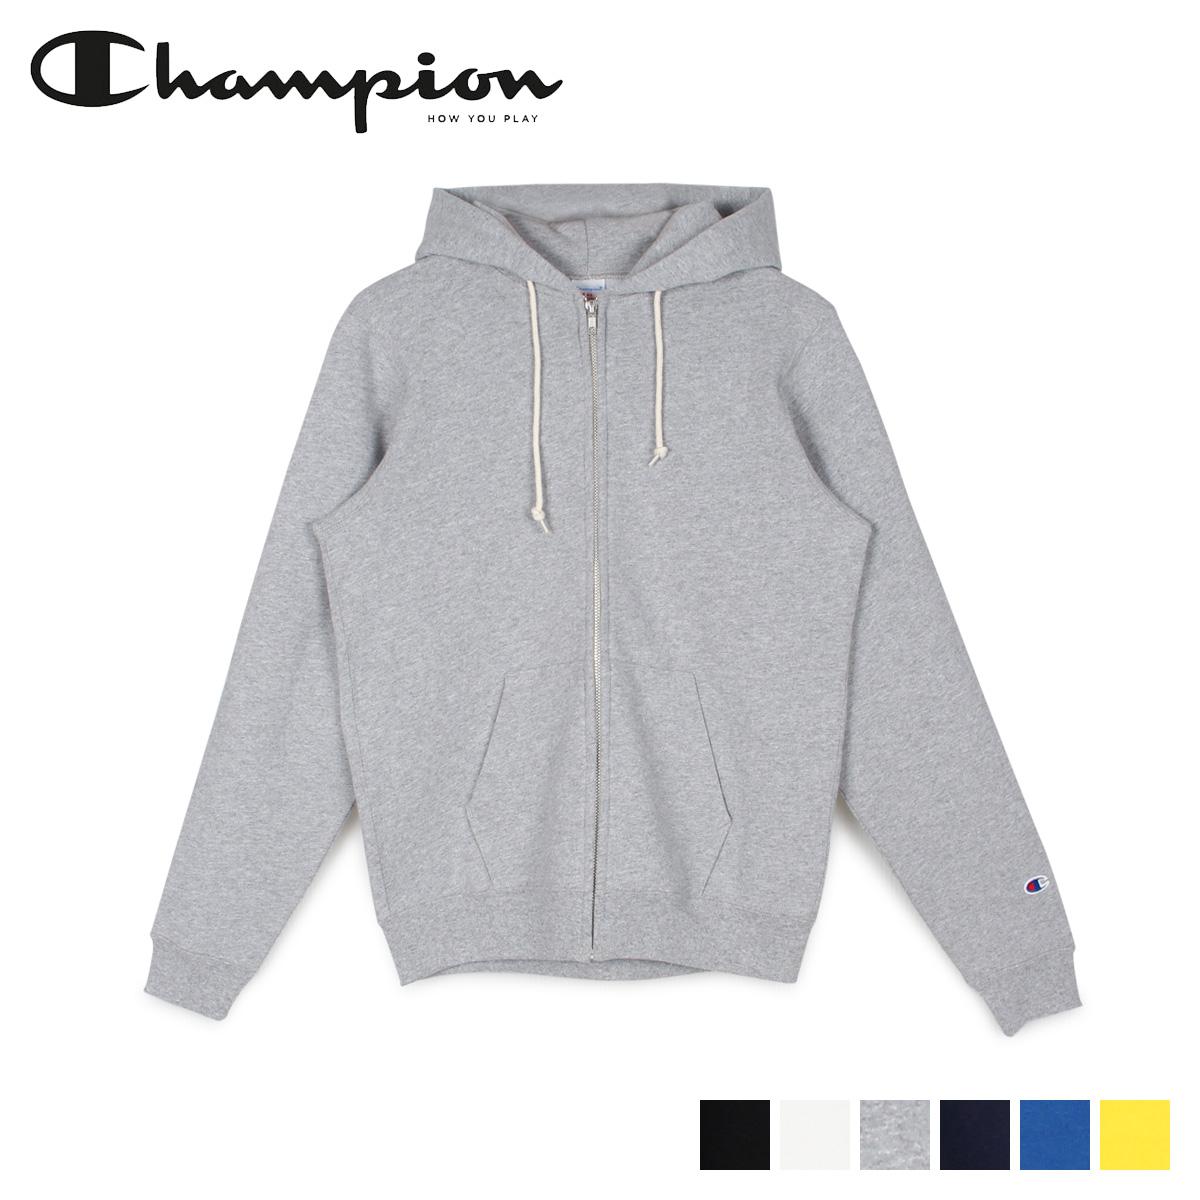 Champion チャンピオン パーカー スウェット ジップアップ メンズ レディース FULL ZIP HOODED SWEATSHIRT ブラック ホワイト グレー ネイビー ブルー イエロー 黒 白 C5-Q101